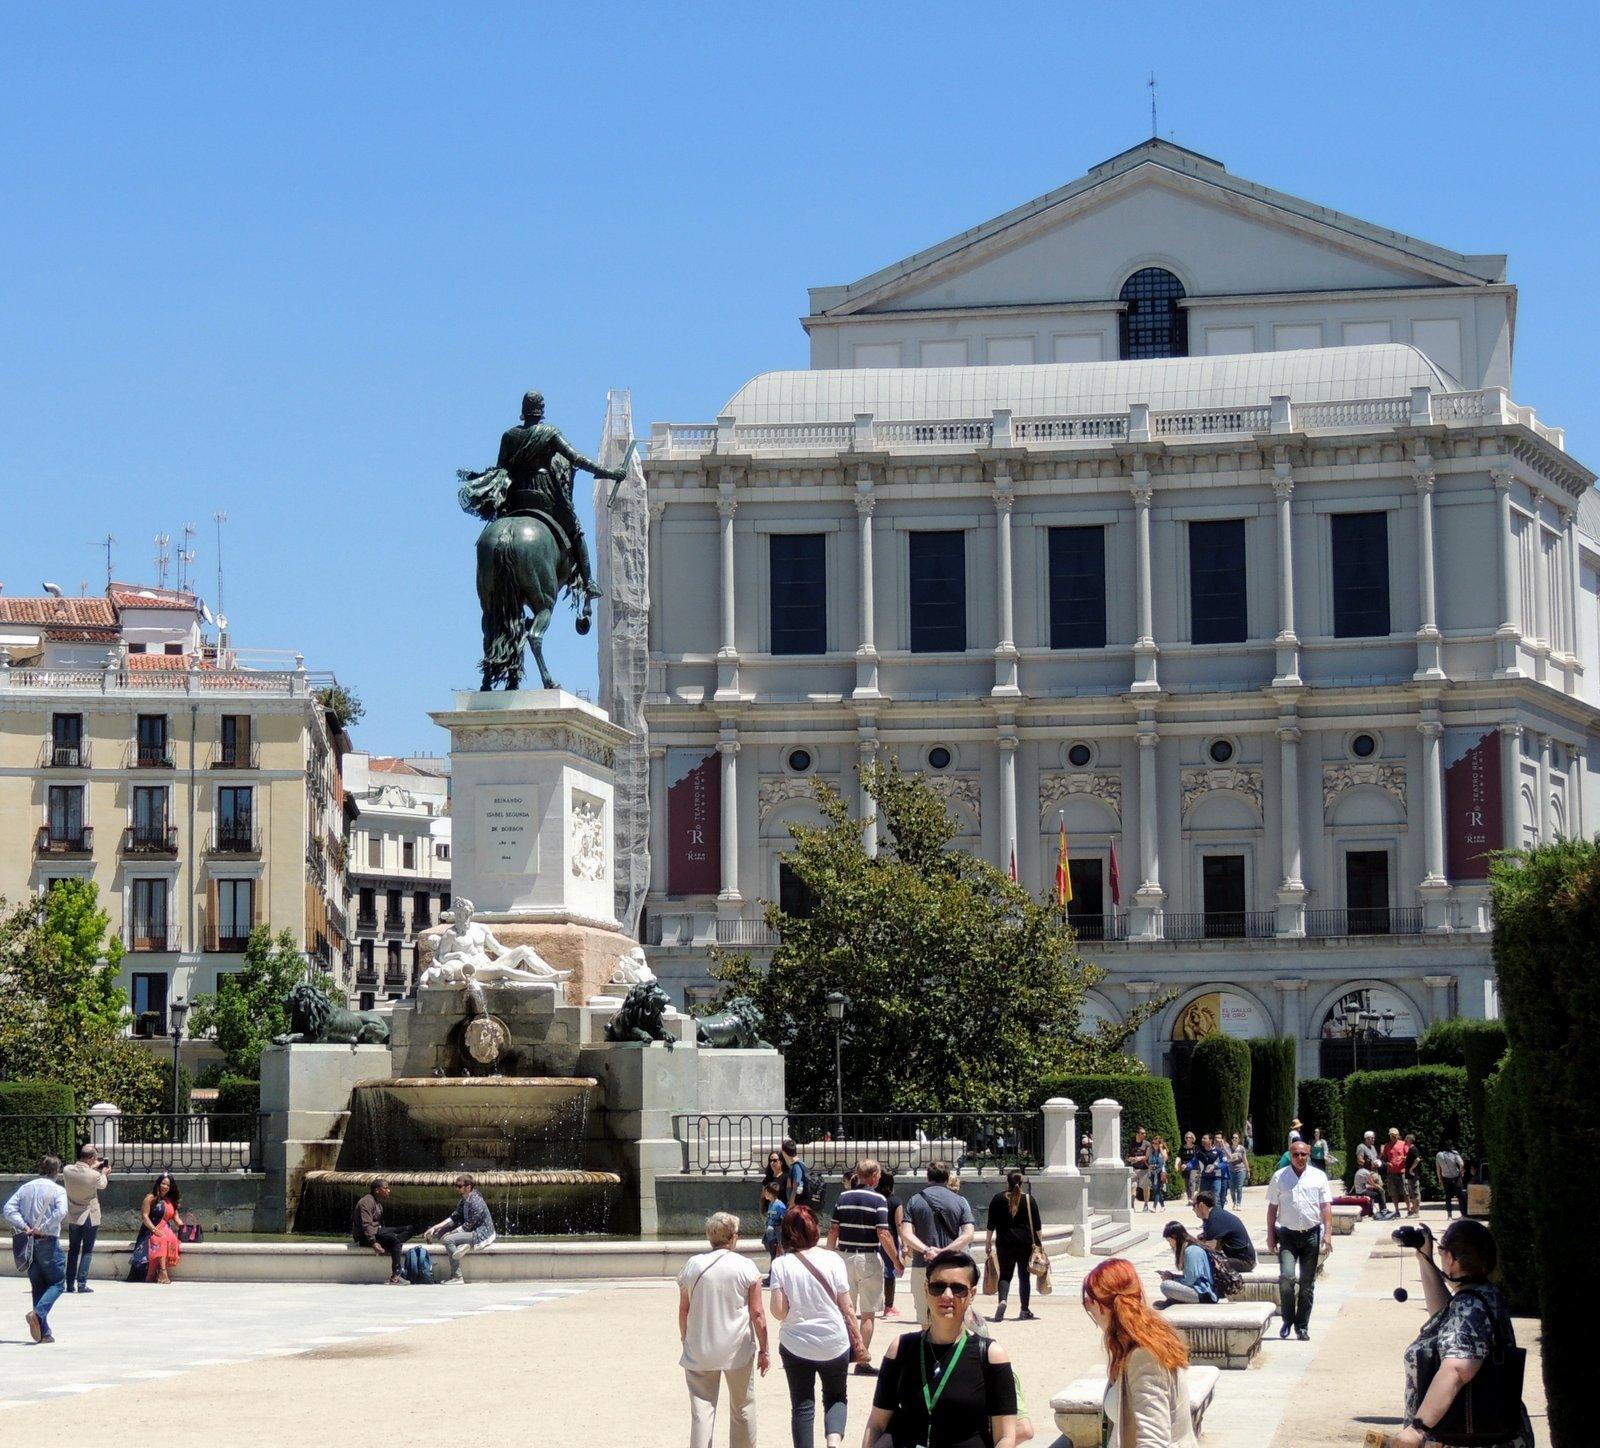 Plaza del Oriente Madrid